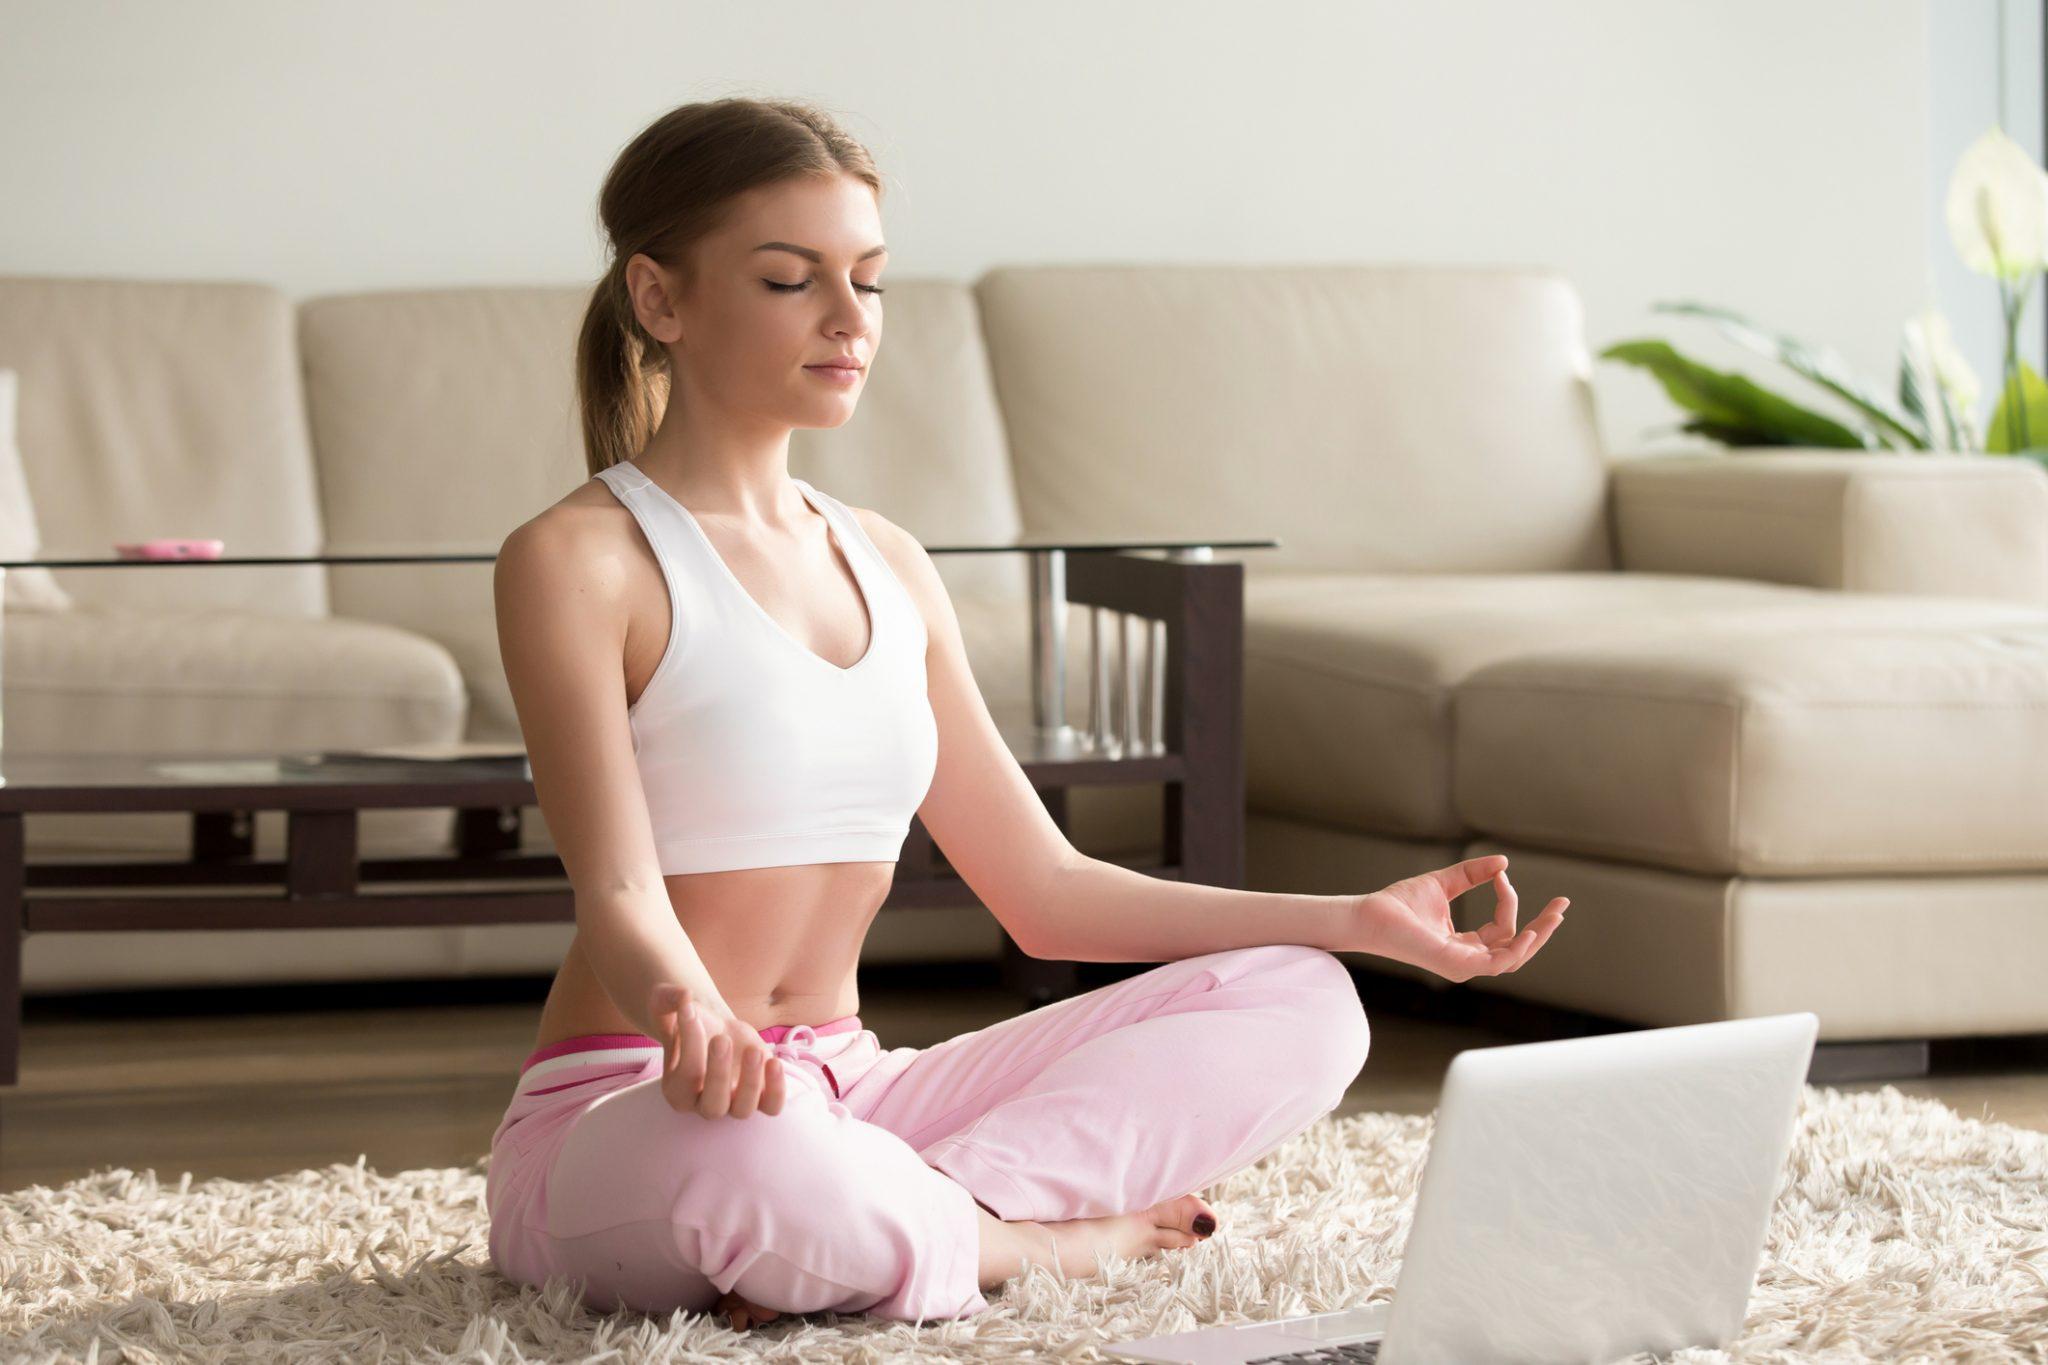 Meditazione Guidata: i 10 Top Video su Youtube Selezionati per te, da Provare Subito Gratis [in Italiano]